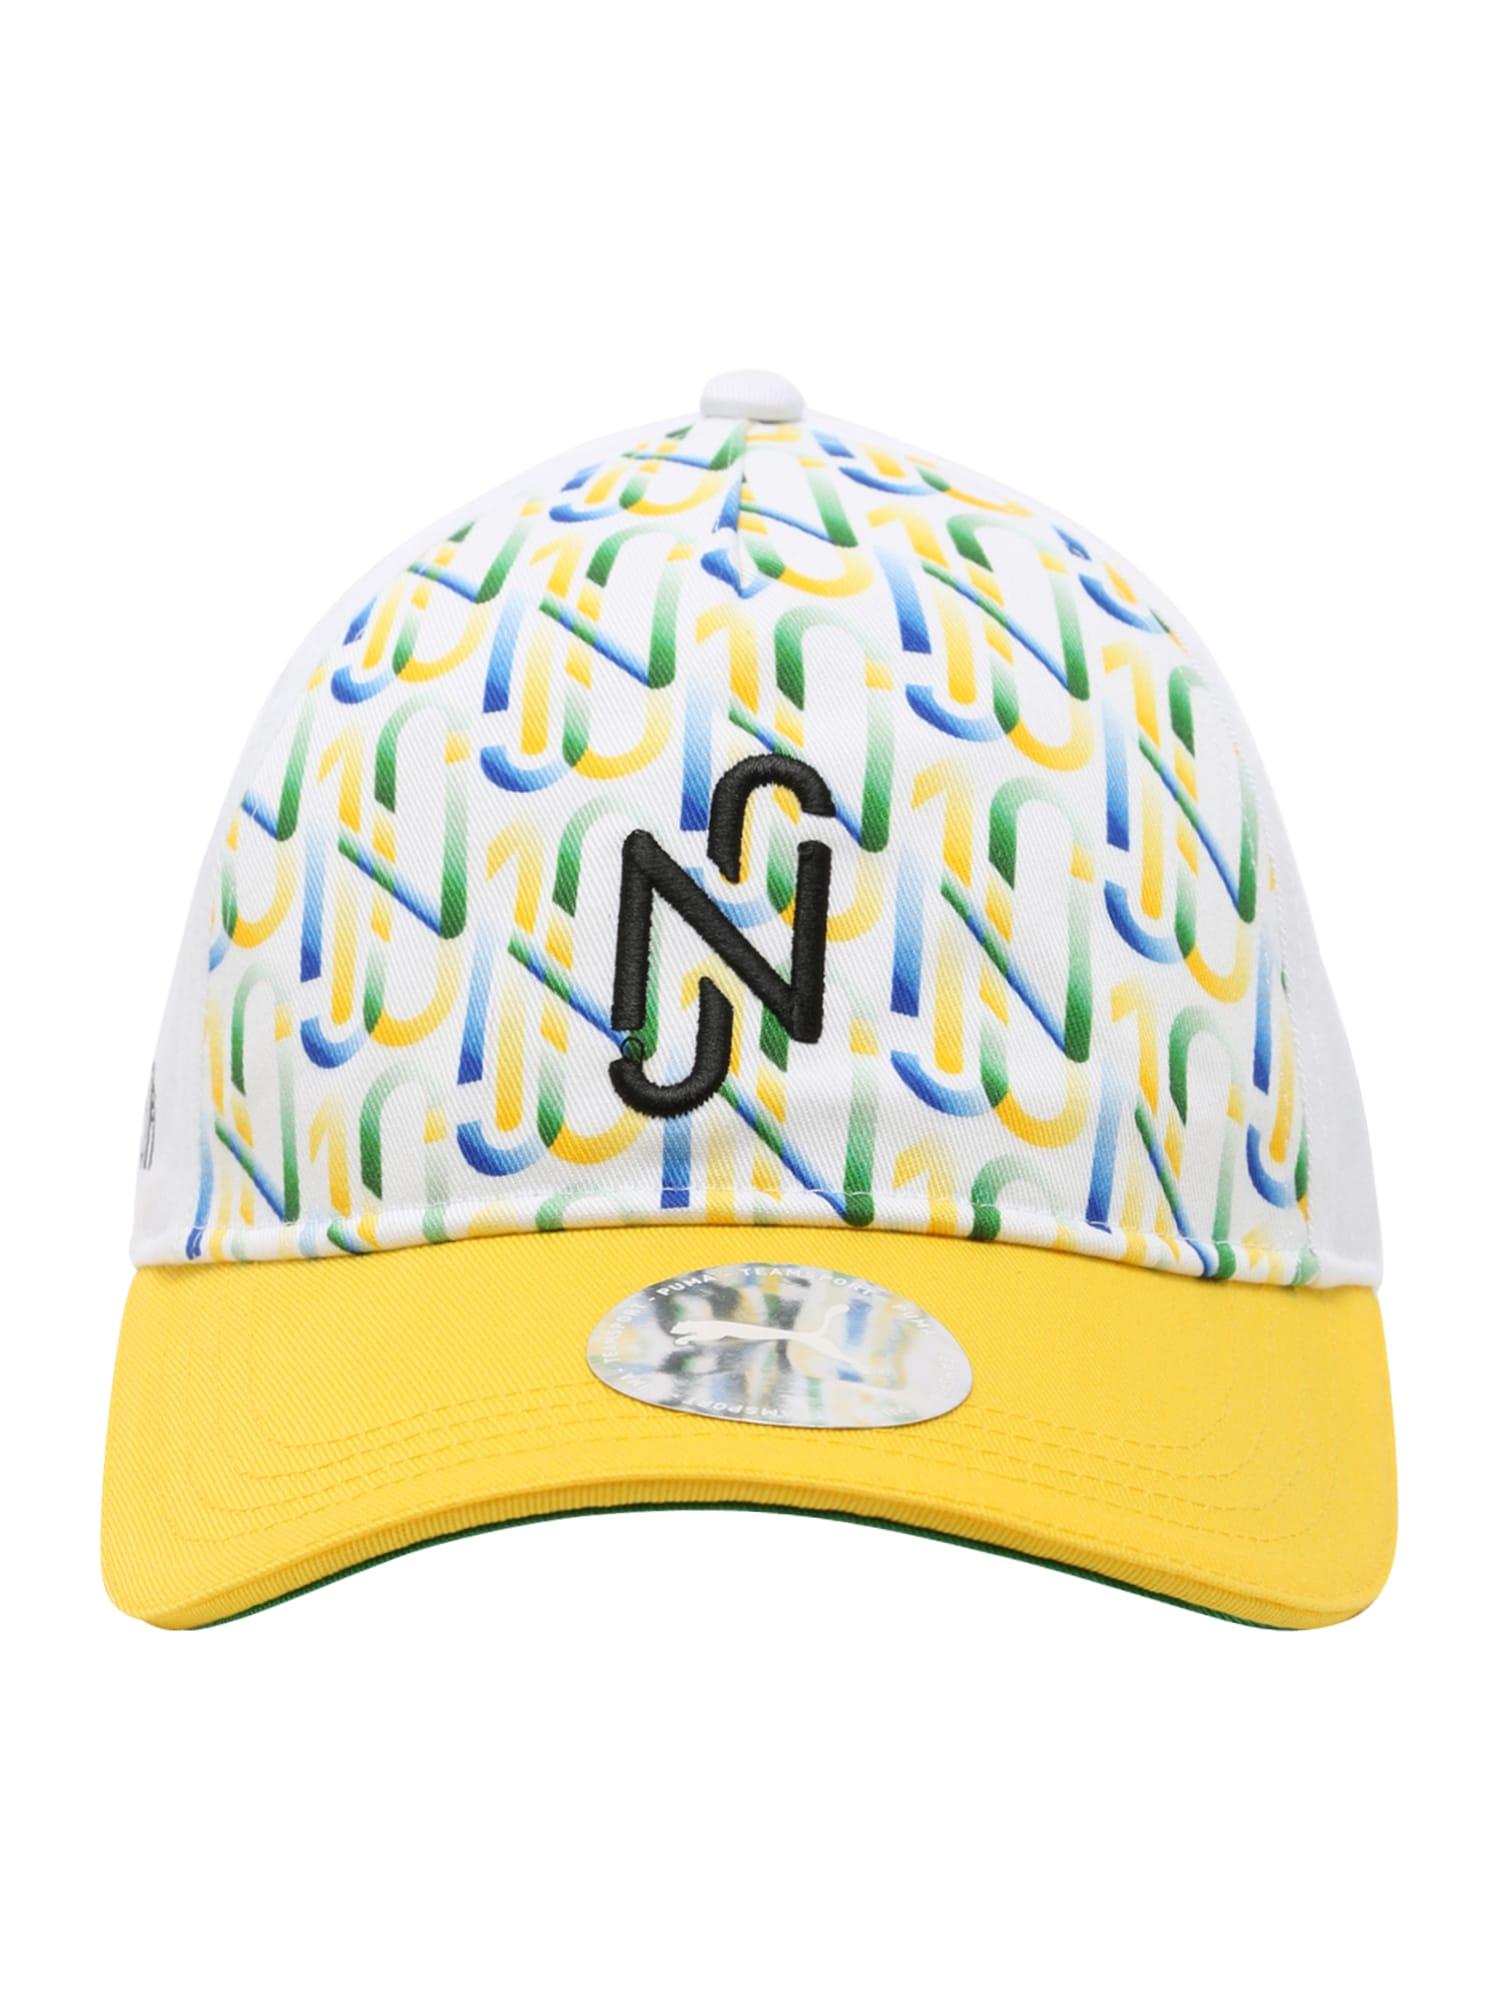 PUMA Sportinė kepurė žaliosios citrinos spalva / balta / juoda / žolės žalia / dangaus žydra